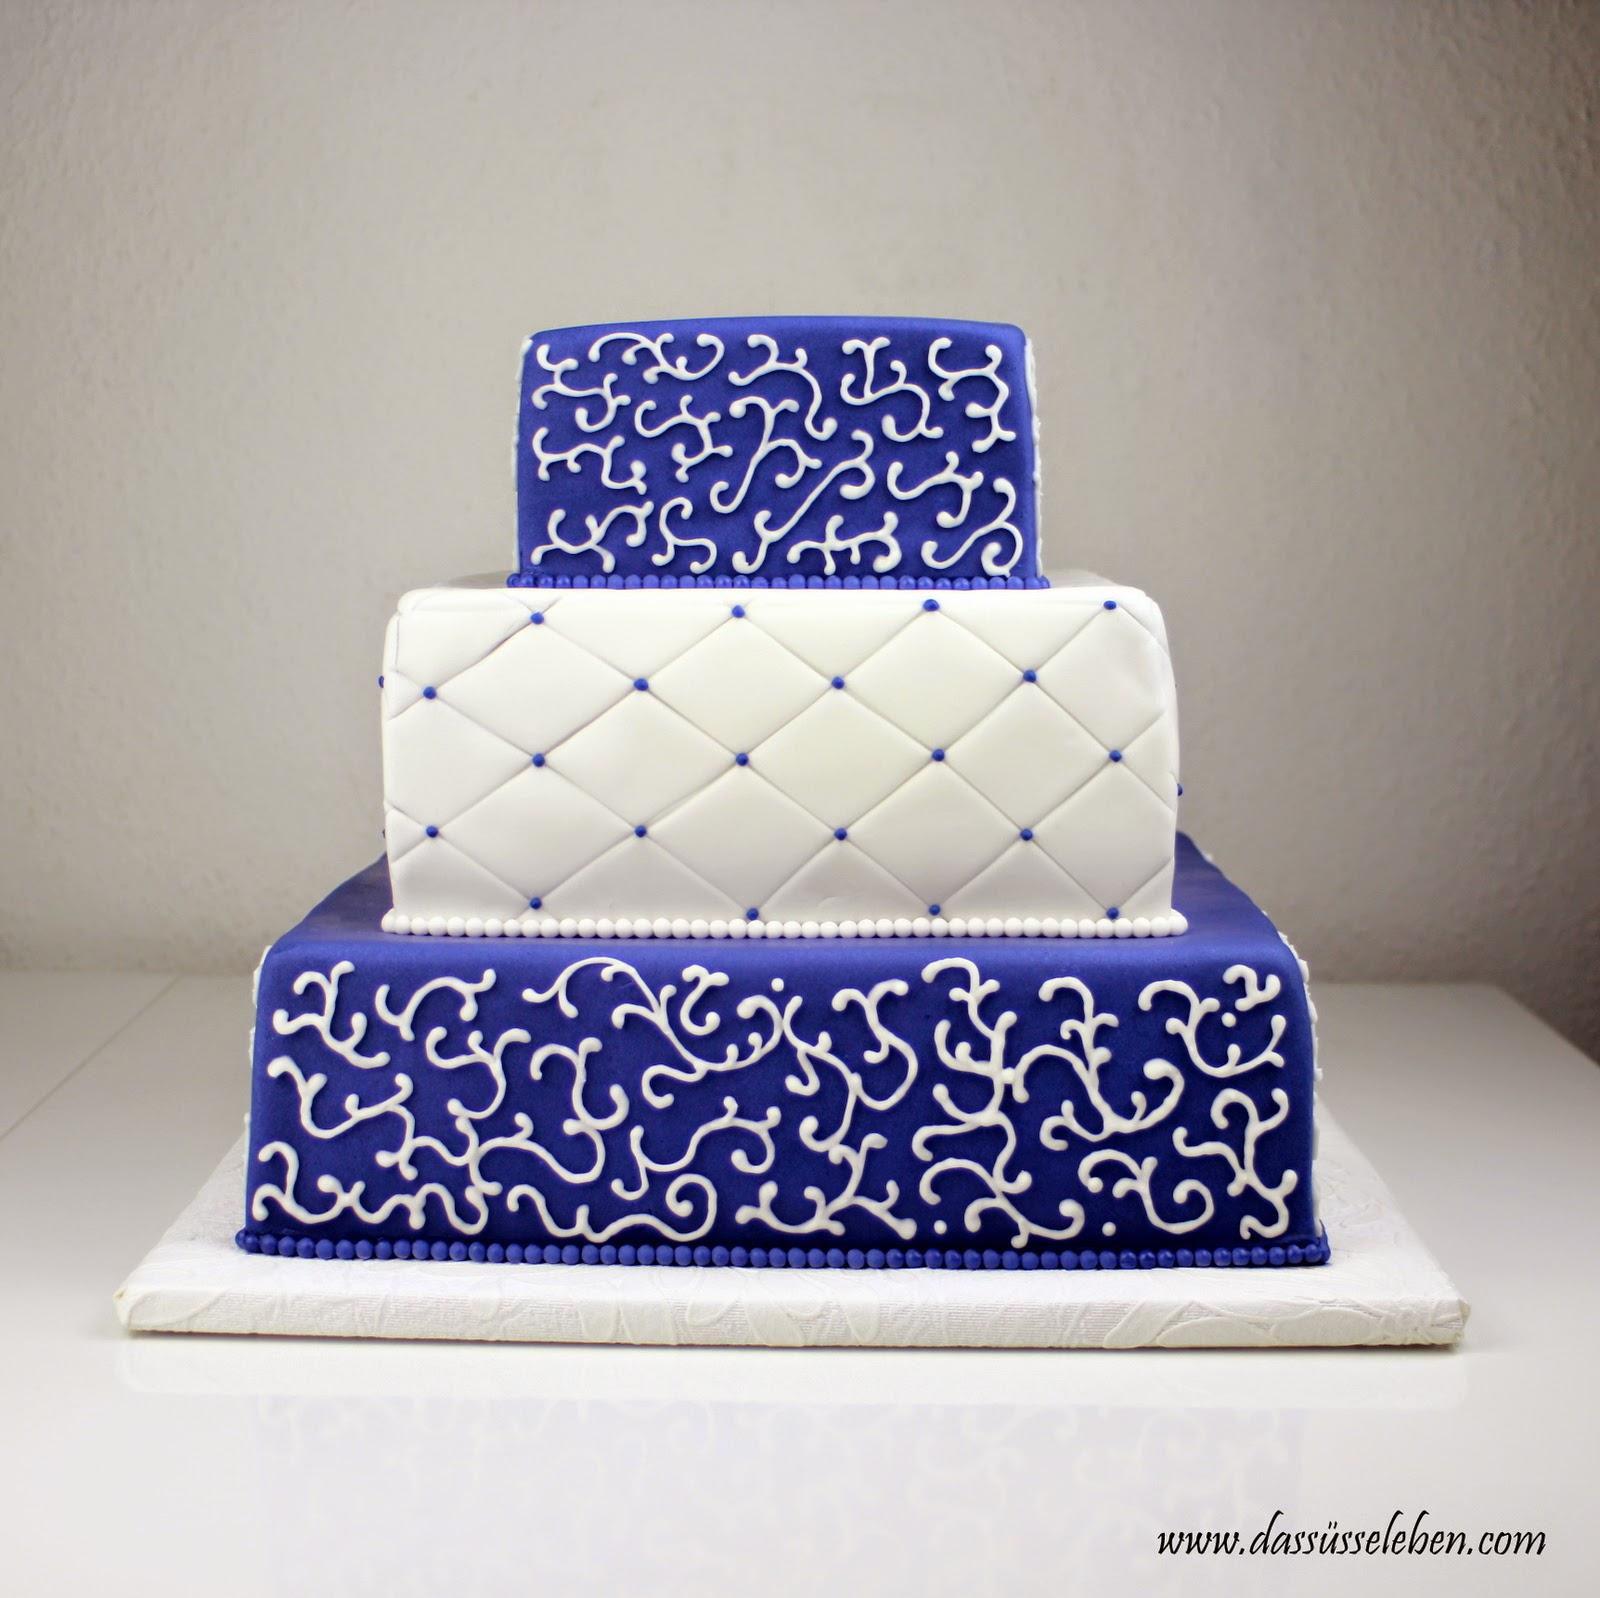 Rezept Marineblaue Hochzeitstorte  Das süße Leben